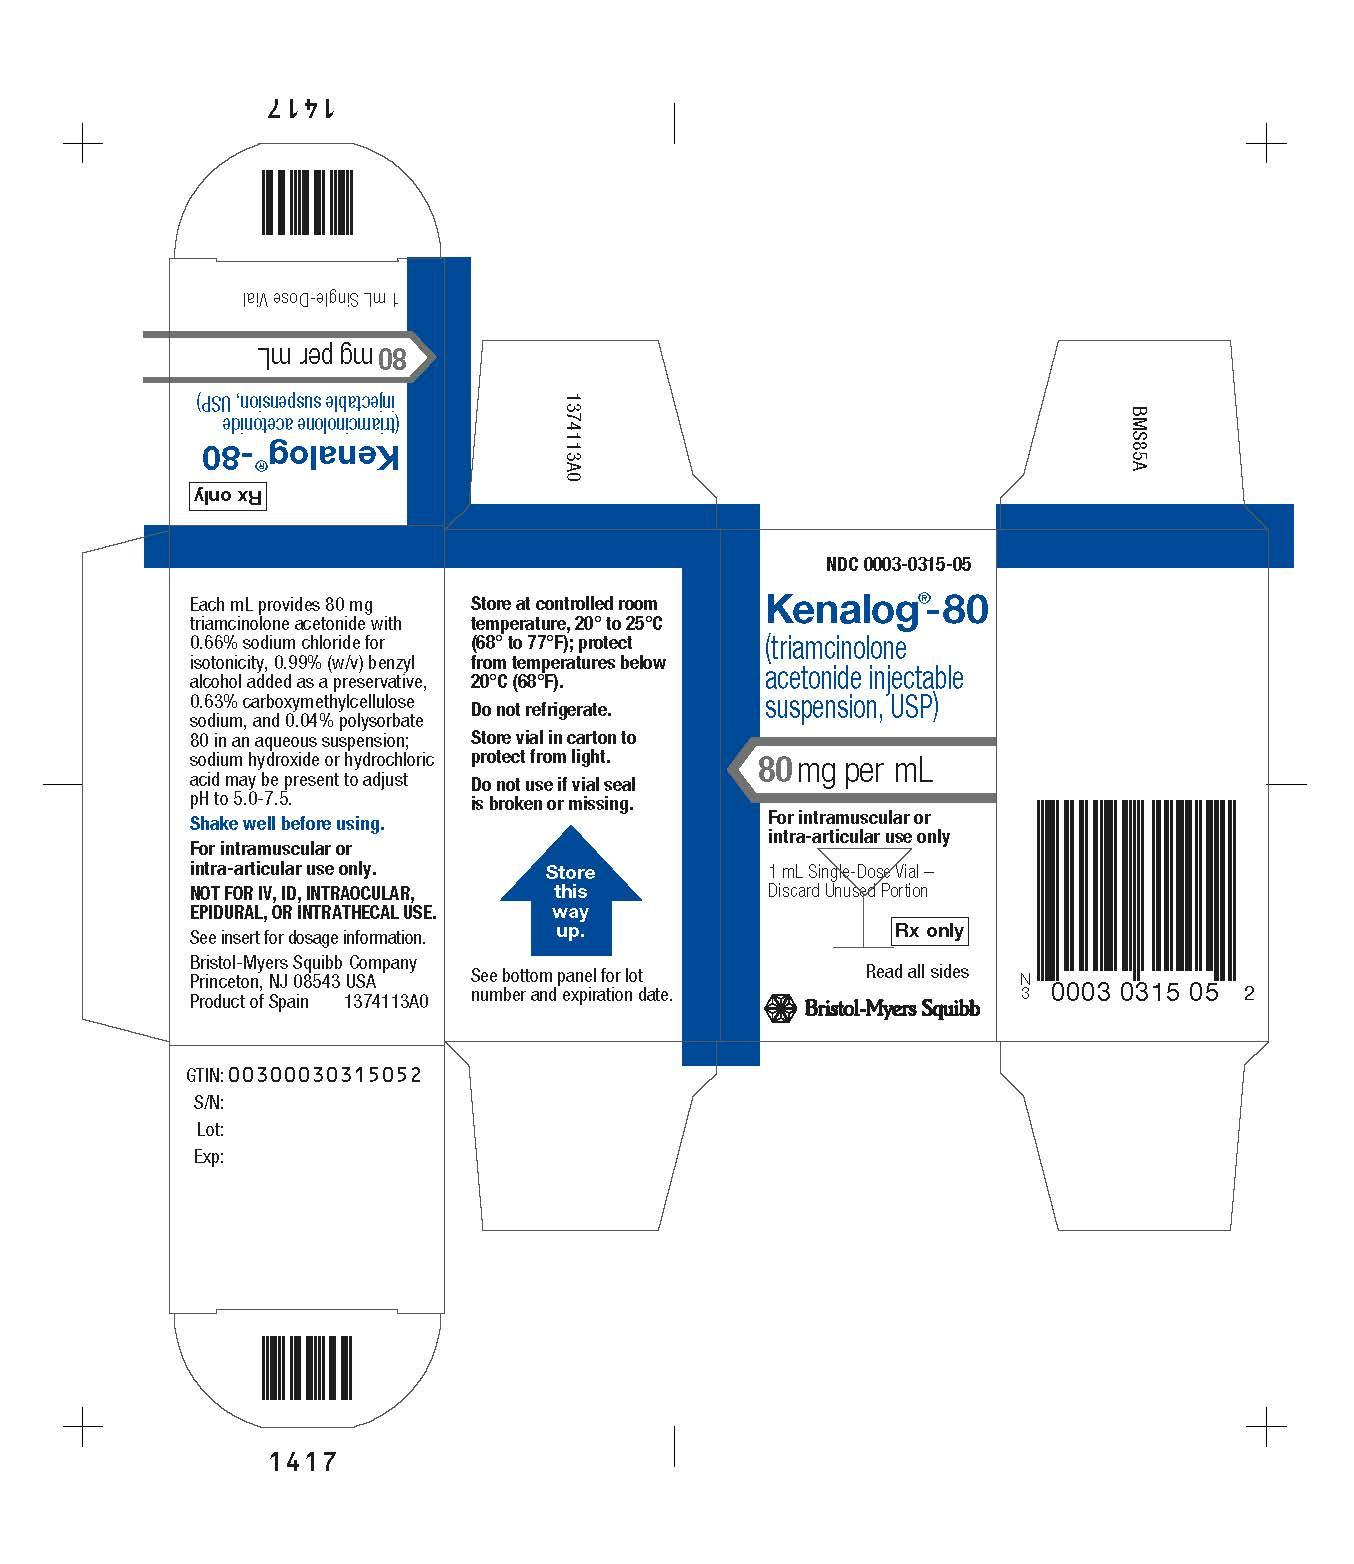 Image Kenalog-80  1 mL Carton Label